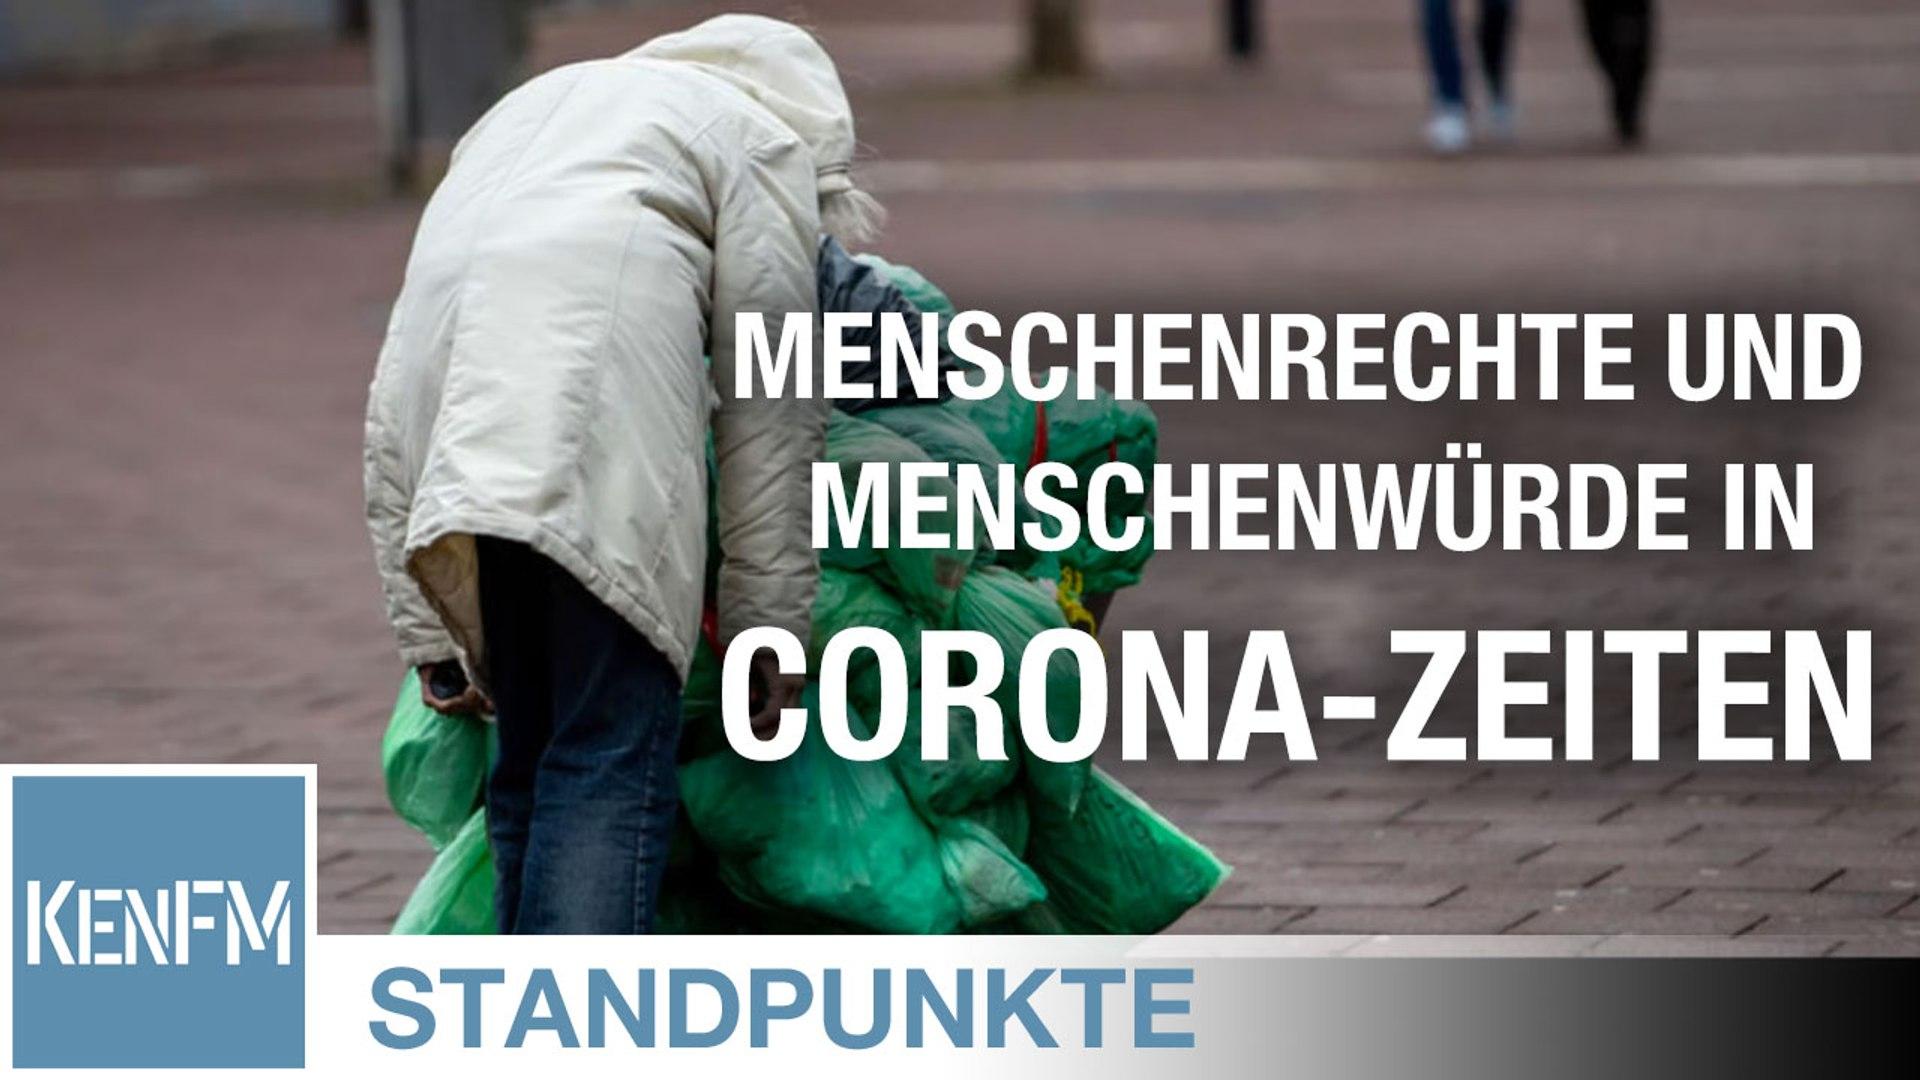 STANDPUNKTE • Das Macht-Instrument. Wo bleiben Menschenrechte und Menschenwürde in Corona-Zeiten?